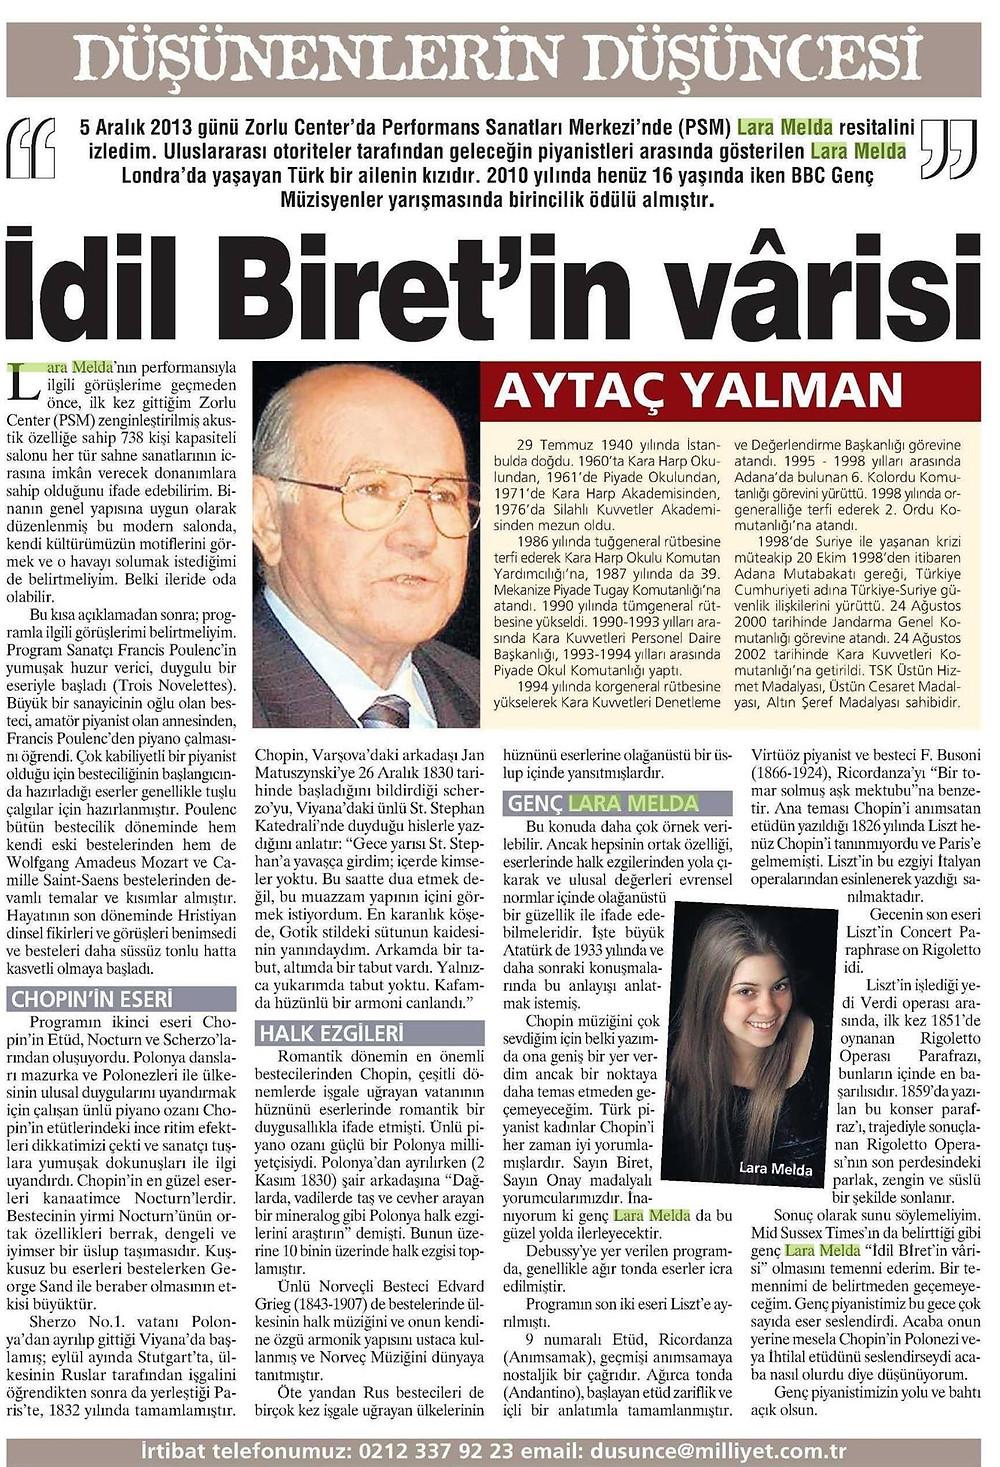 http://www.milliyet.com.tr/yazarlar/dusunenlerin-dusuncesi/idil-biret-in-v-risi-1805618/